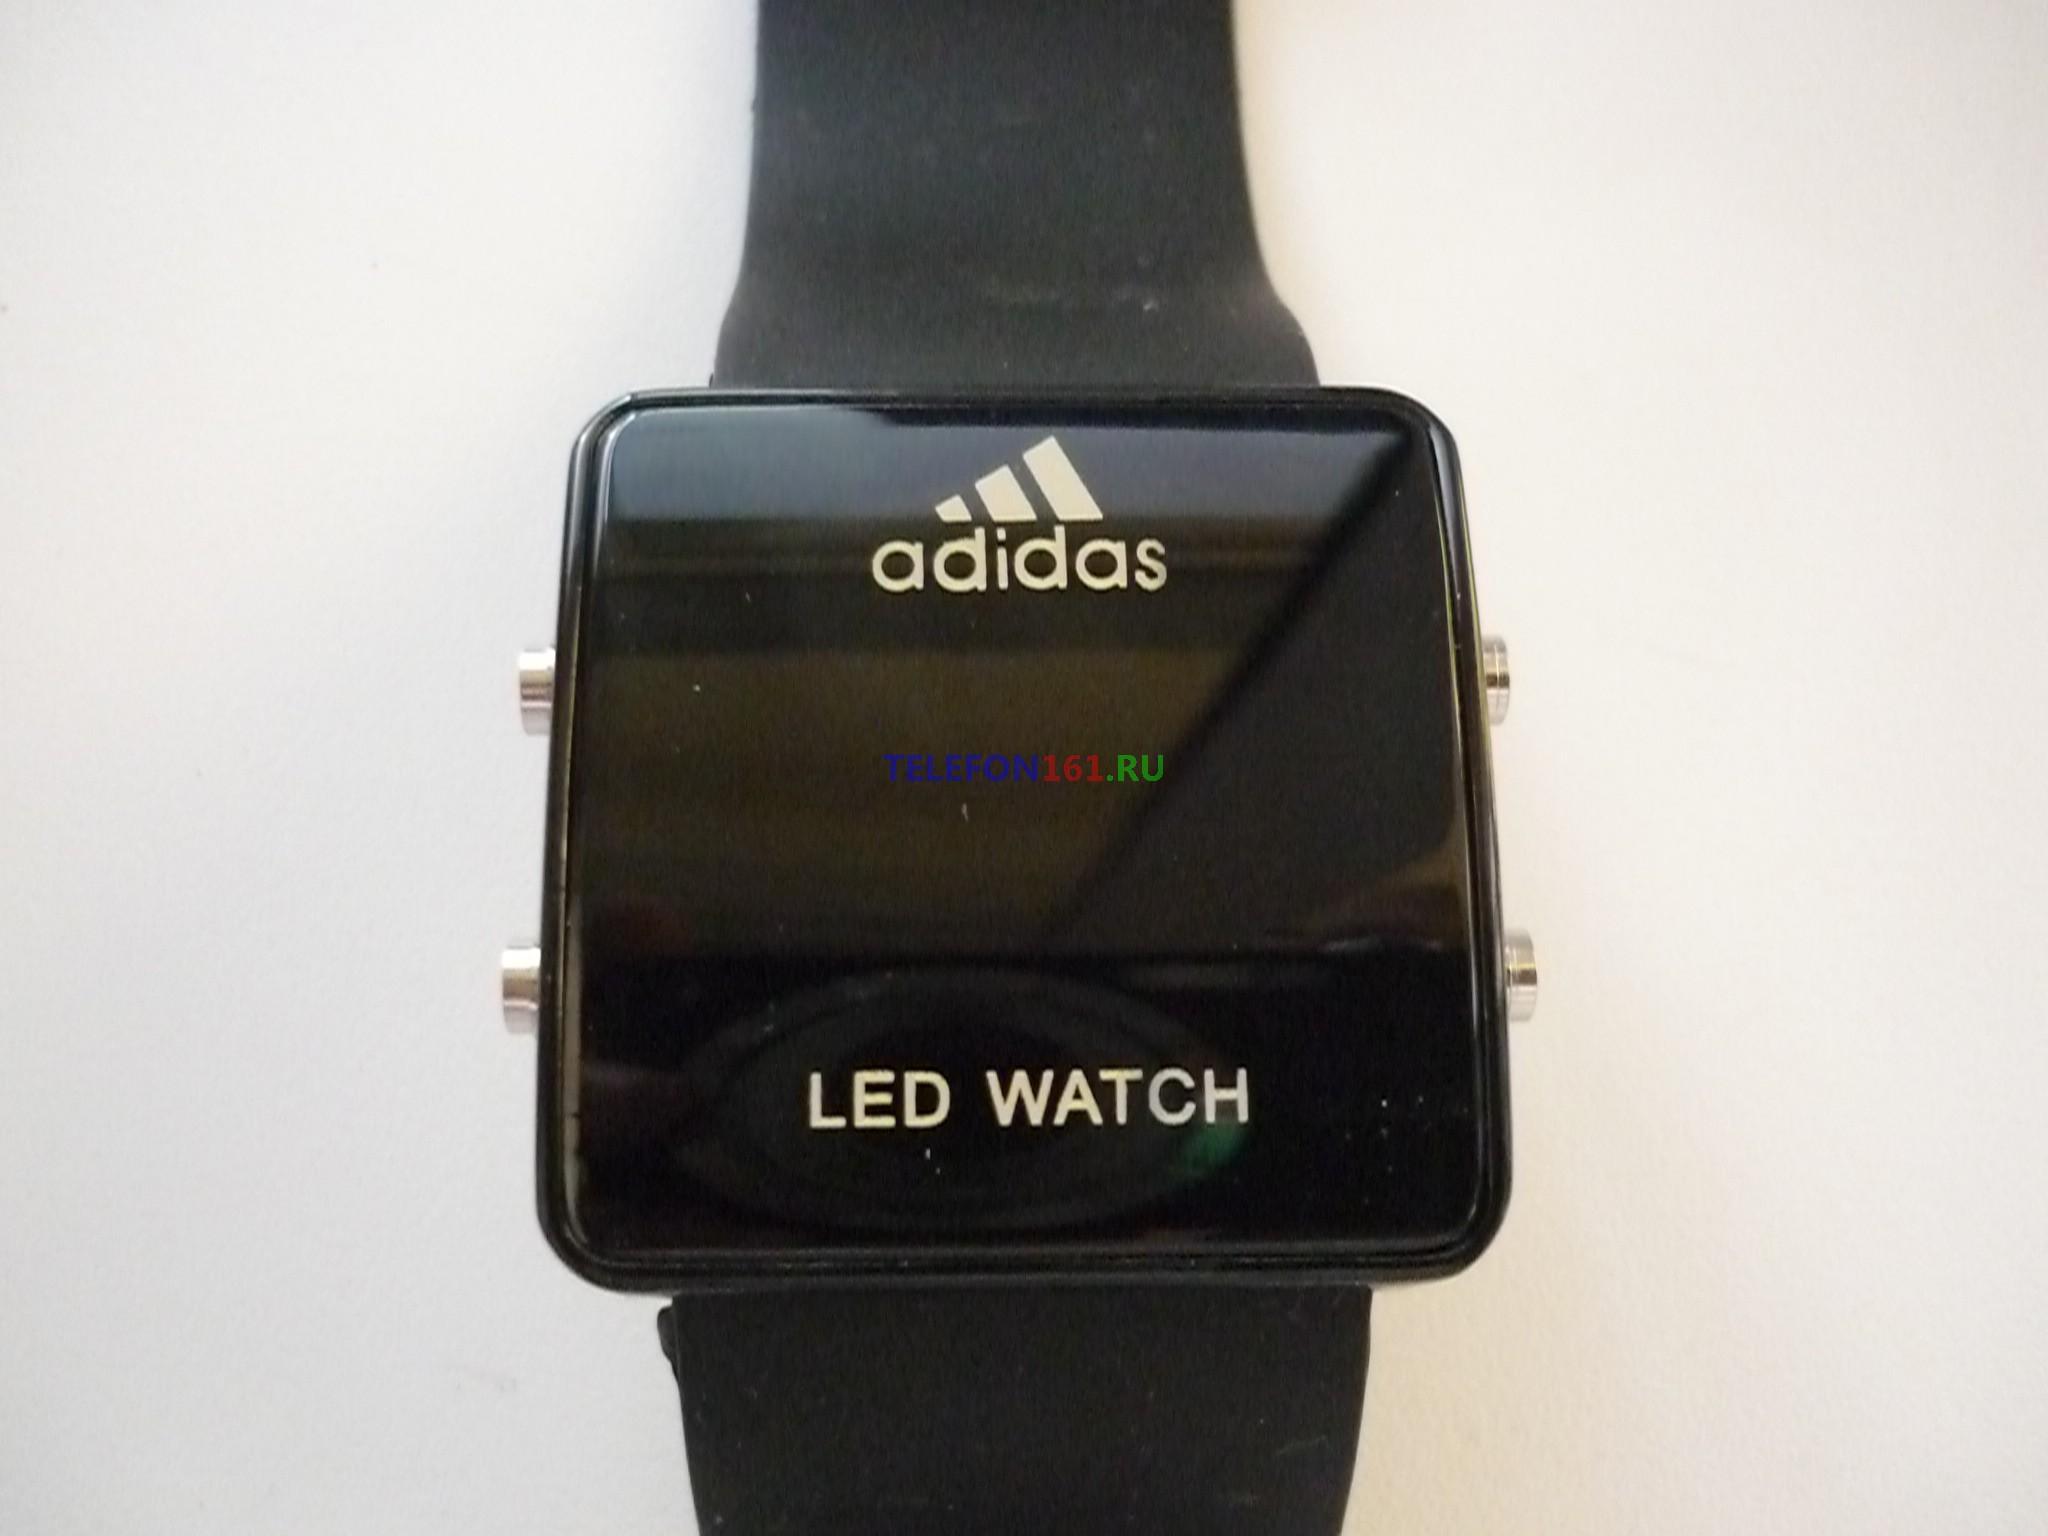 """���� Adidas LED ���� ������������ """"Adidas"""" � ���������� LED (������)"""